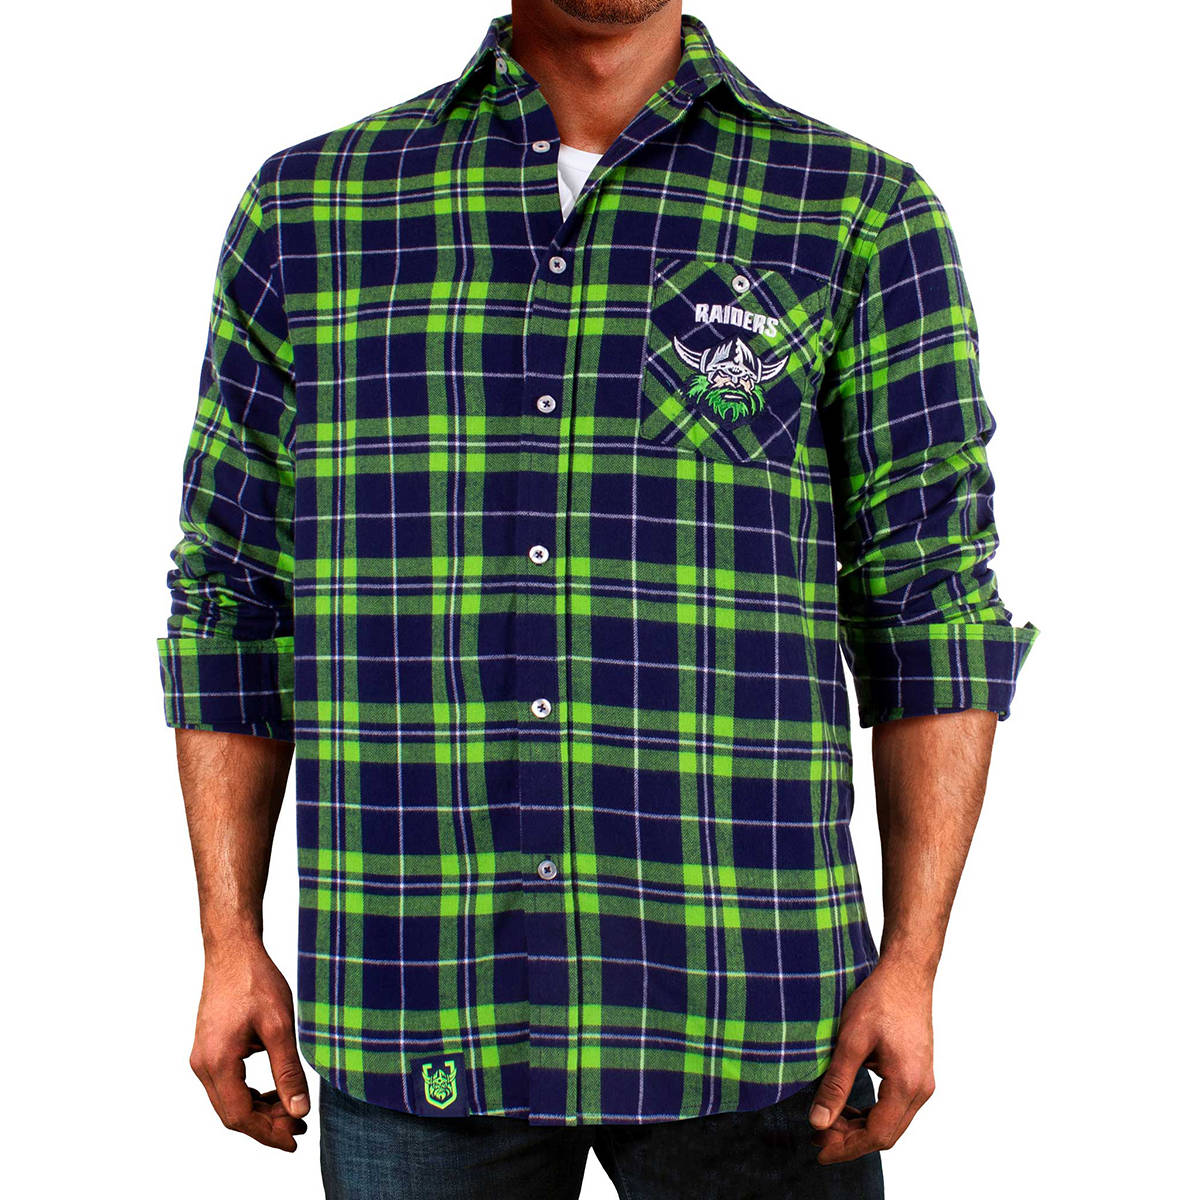 NRL Raiders Flannel Shirt0